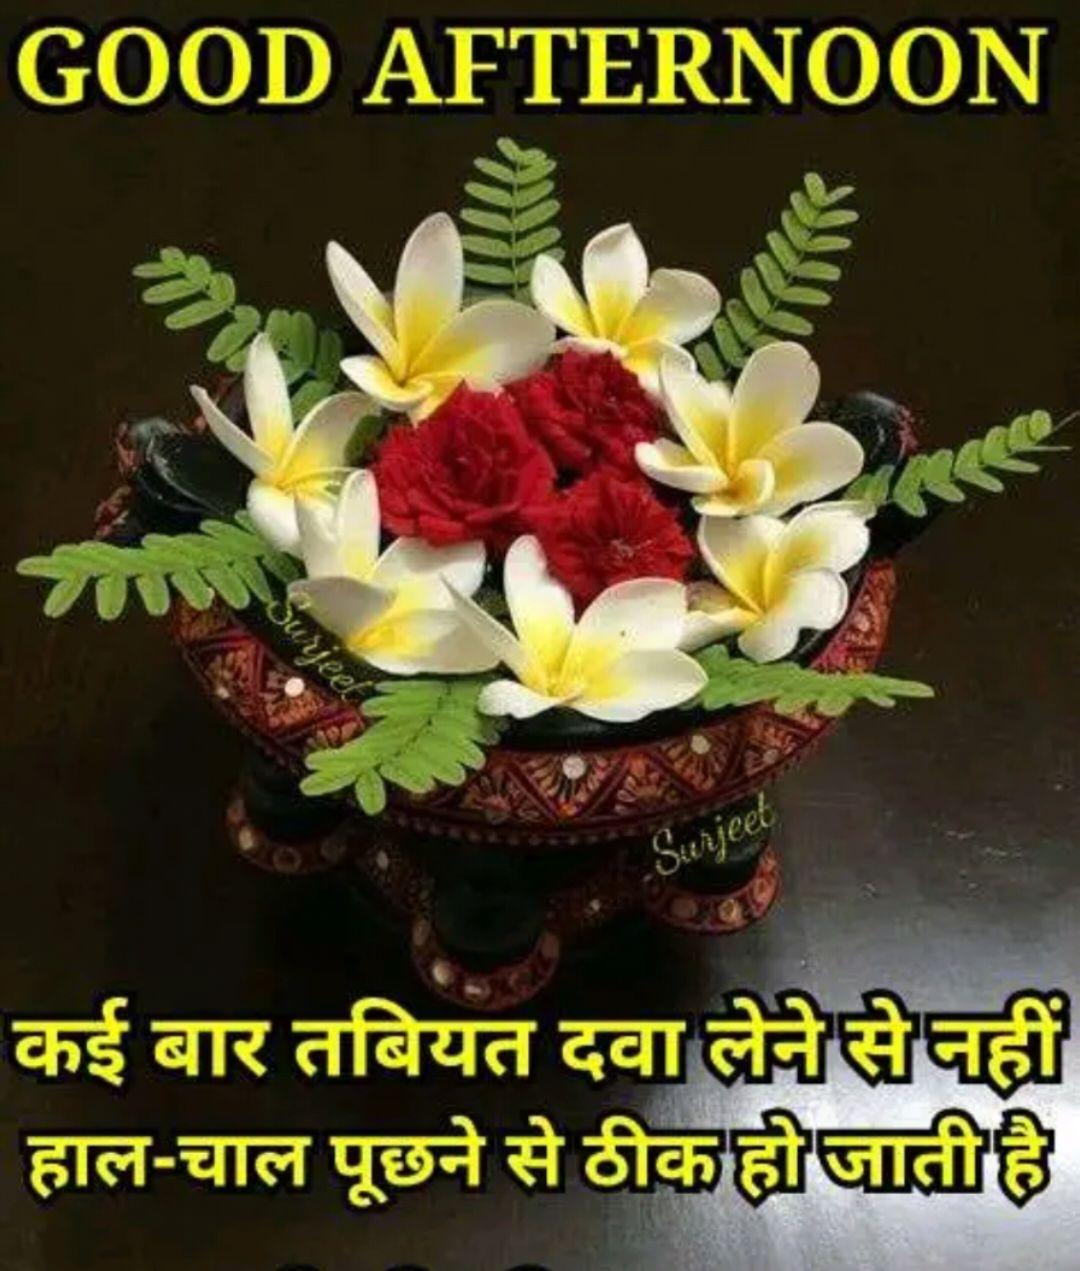 🤲 इबादत - GOOD AFTERNOON Surjeet Sanjeet कई बार तबियत दवा लेने से नहीं हाल - चाल पूछने से ठीक हो जाती है - ShareChat